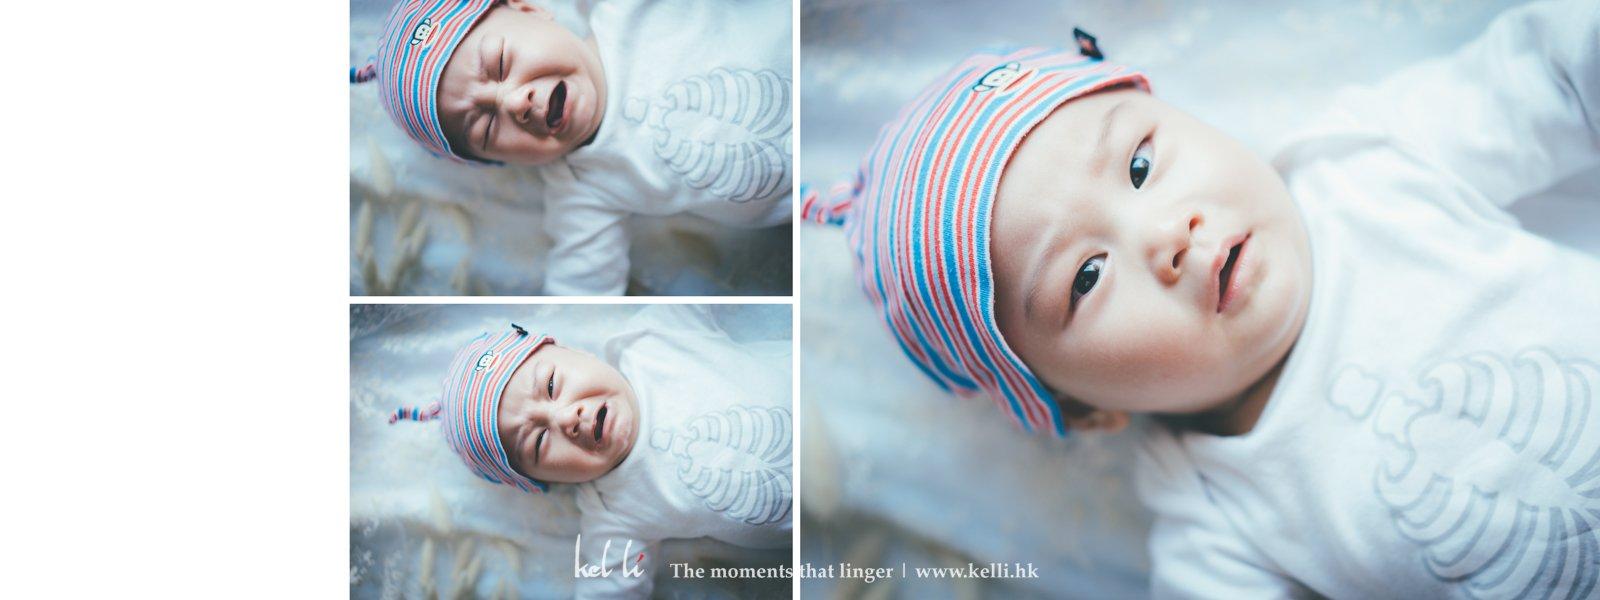 故事性的初生嬰兒拍攝